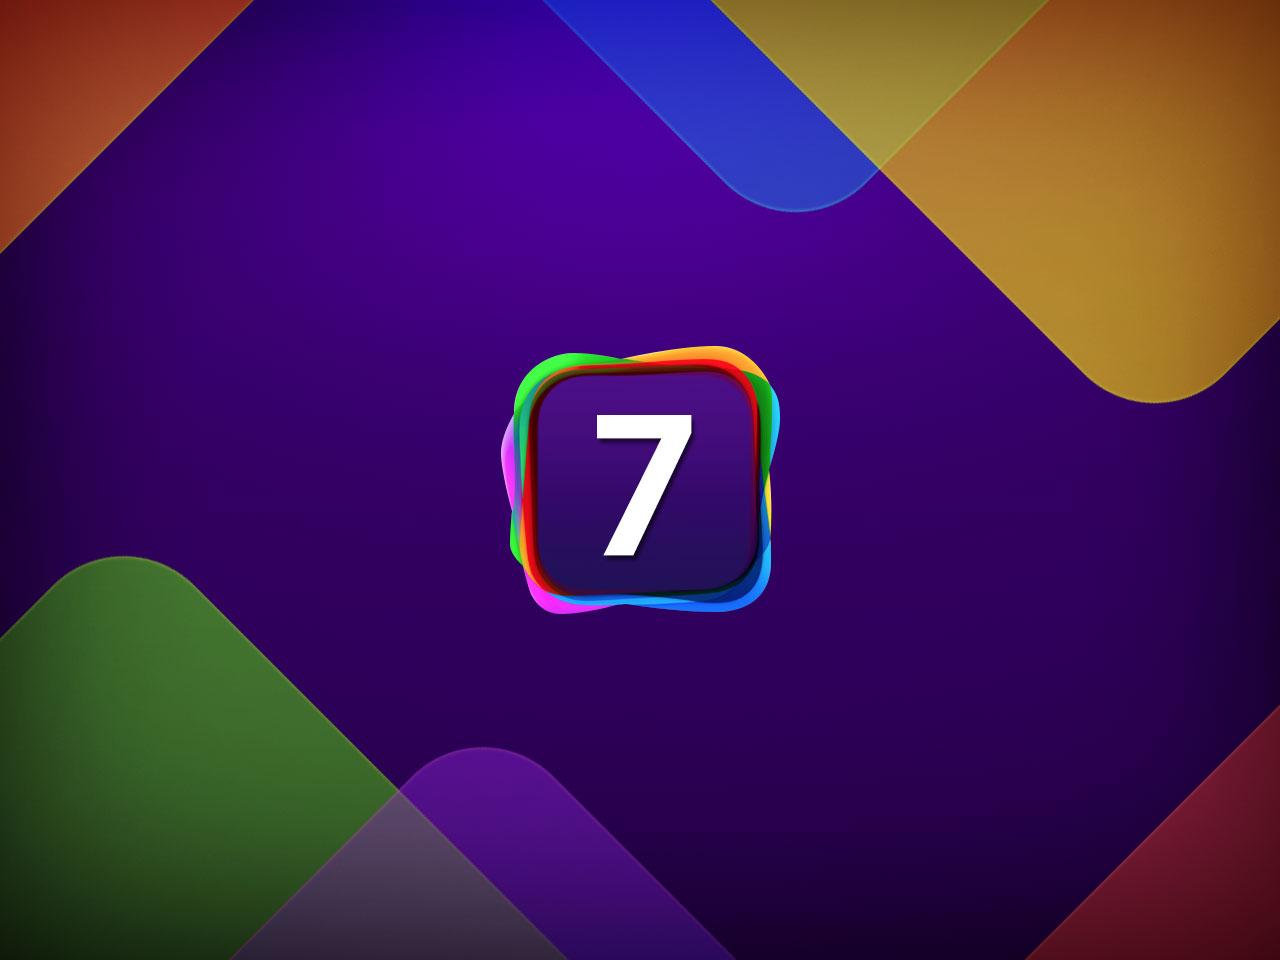 Apple iPad için iOS 7 Beta'yı Nasıl Yüklerim?